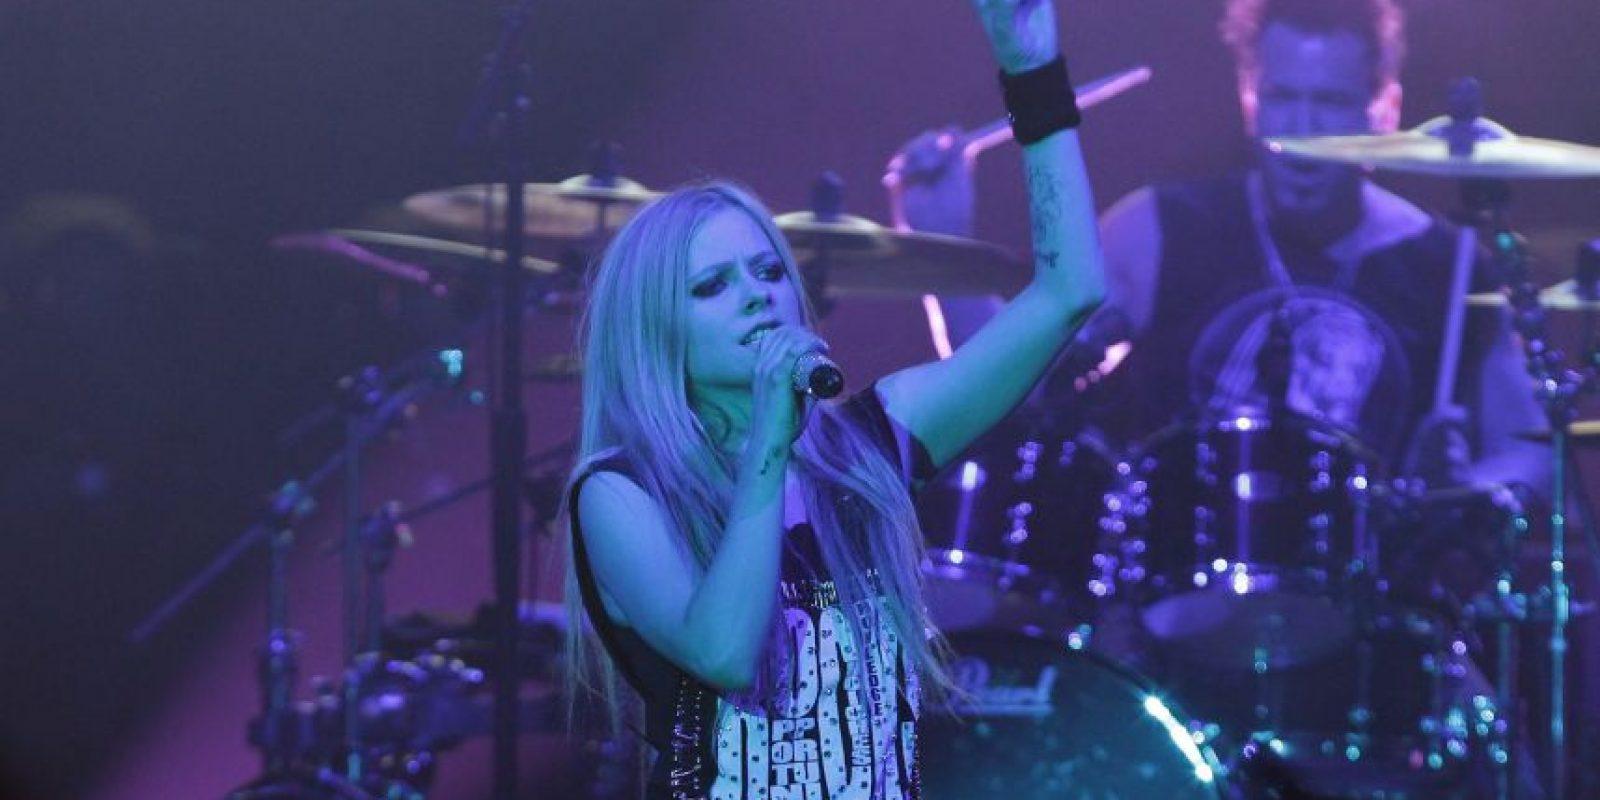 Lo que son buenas noticias para Avril Lavigne. Foto:Getty Images